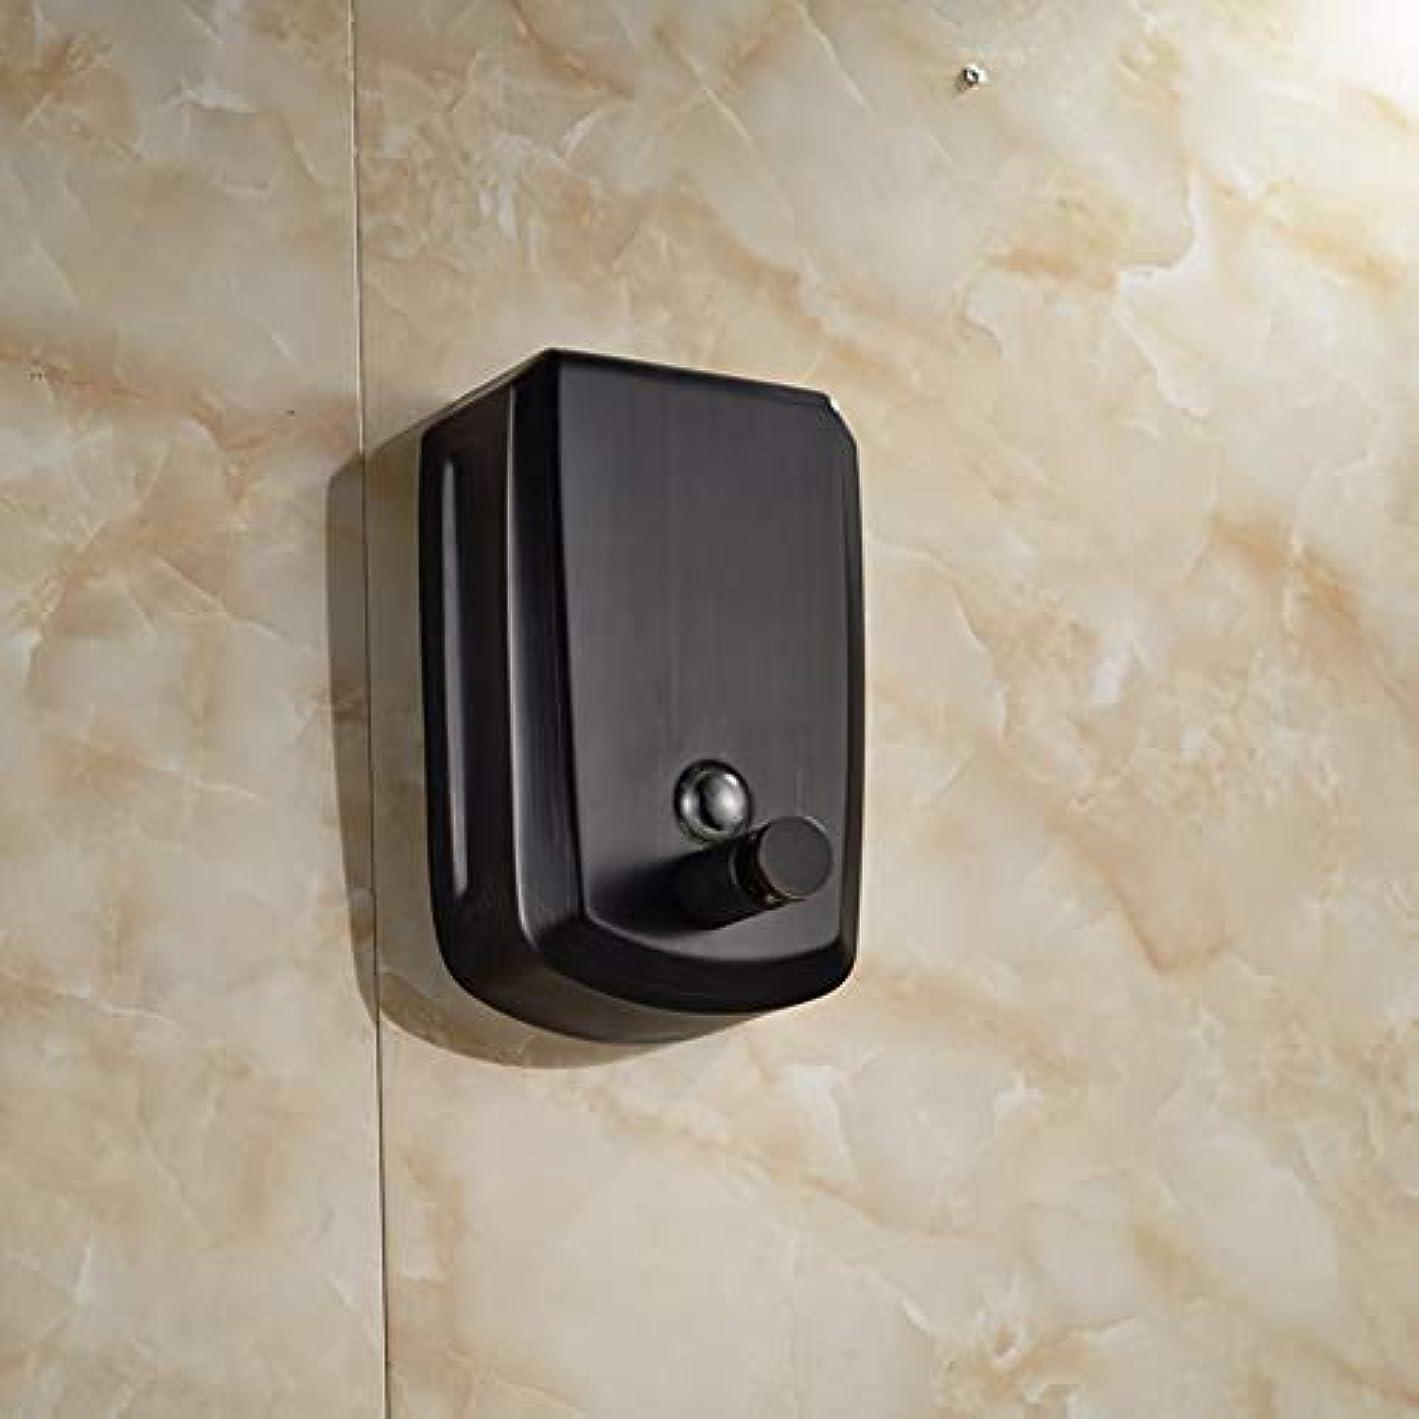 革新クラブ音声学LUDSUY Oil Rubbed Bronze 800ml Bathroom Soap Dispenser Liquid Soap Pump Lotion DispenserBathroom accessories